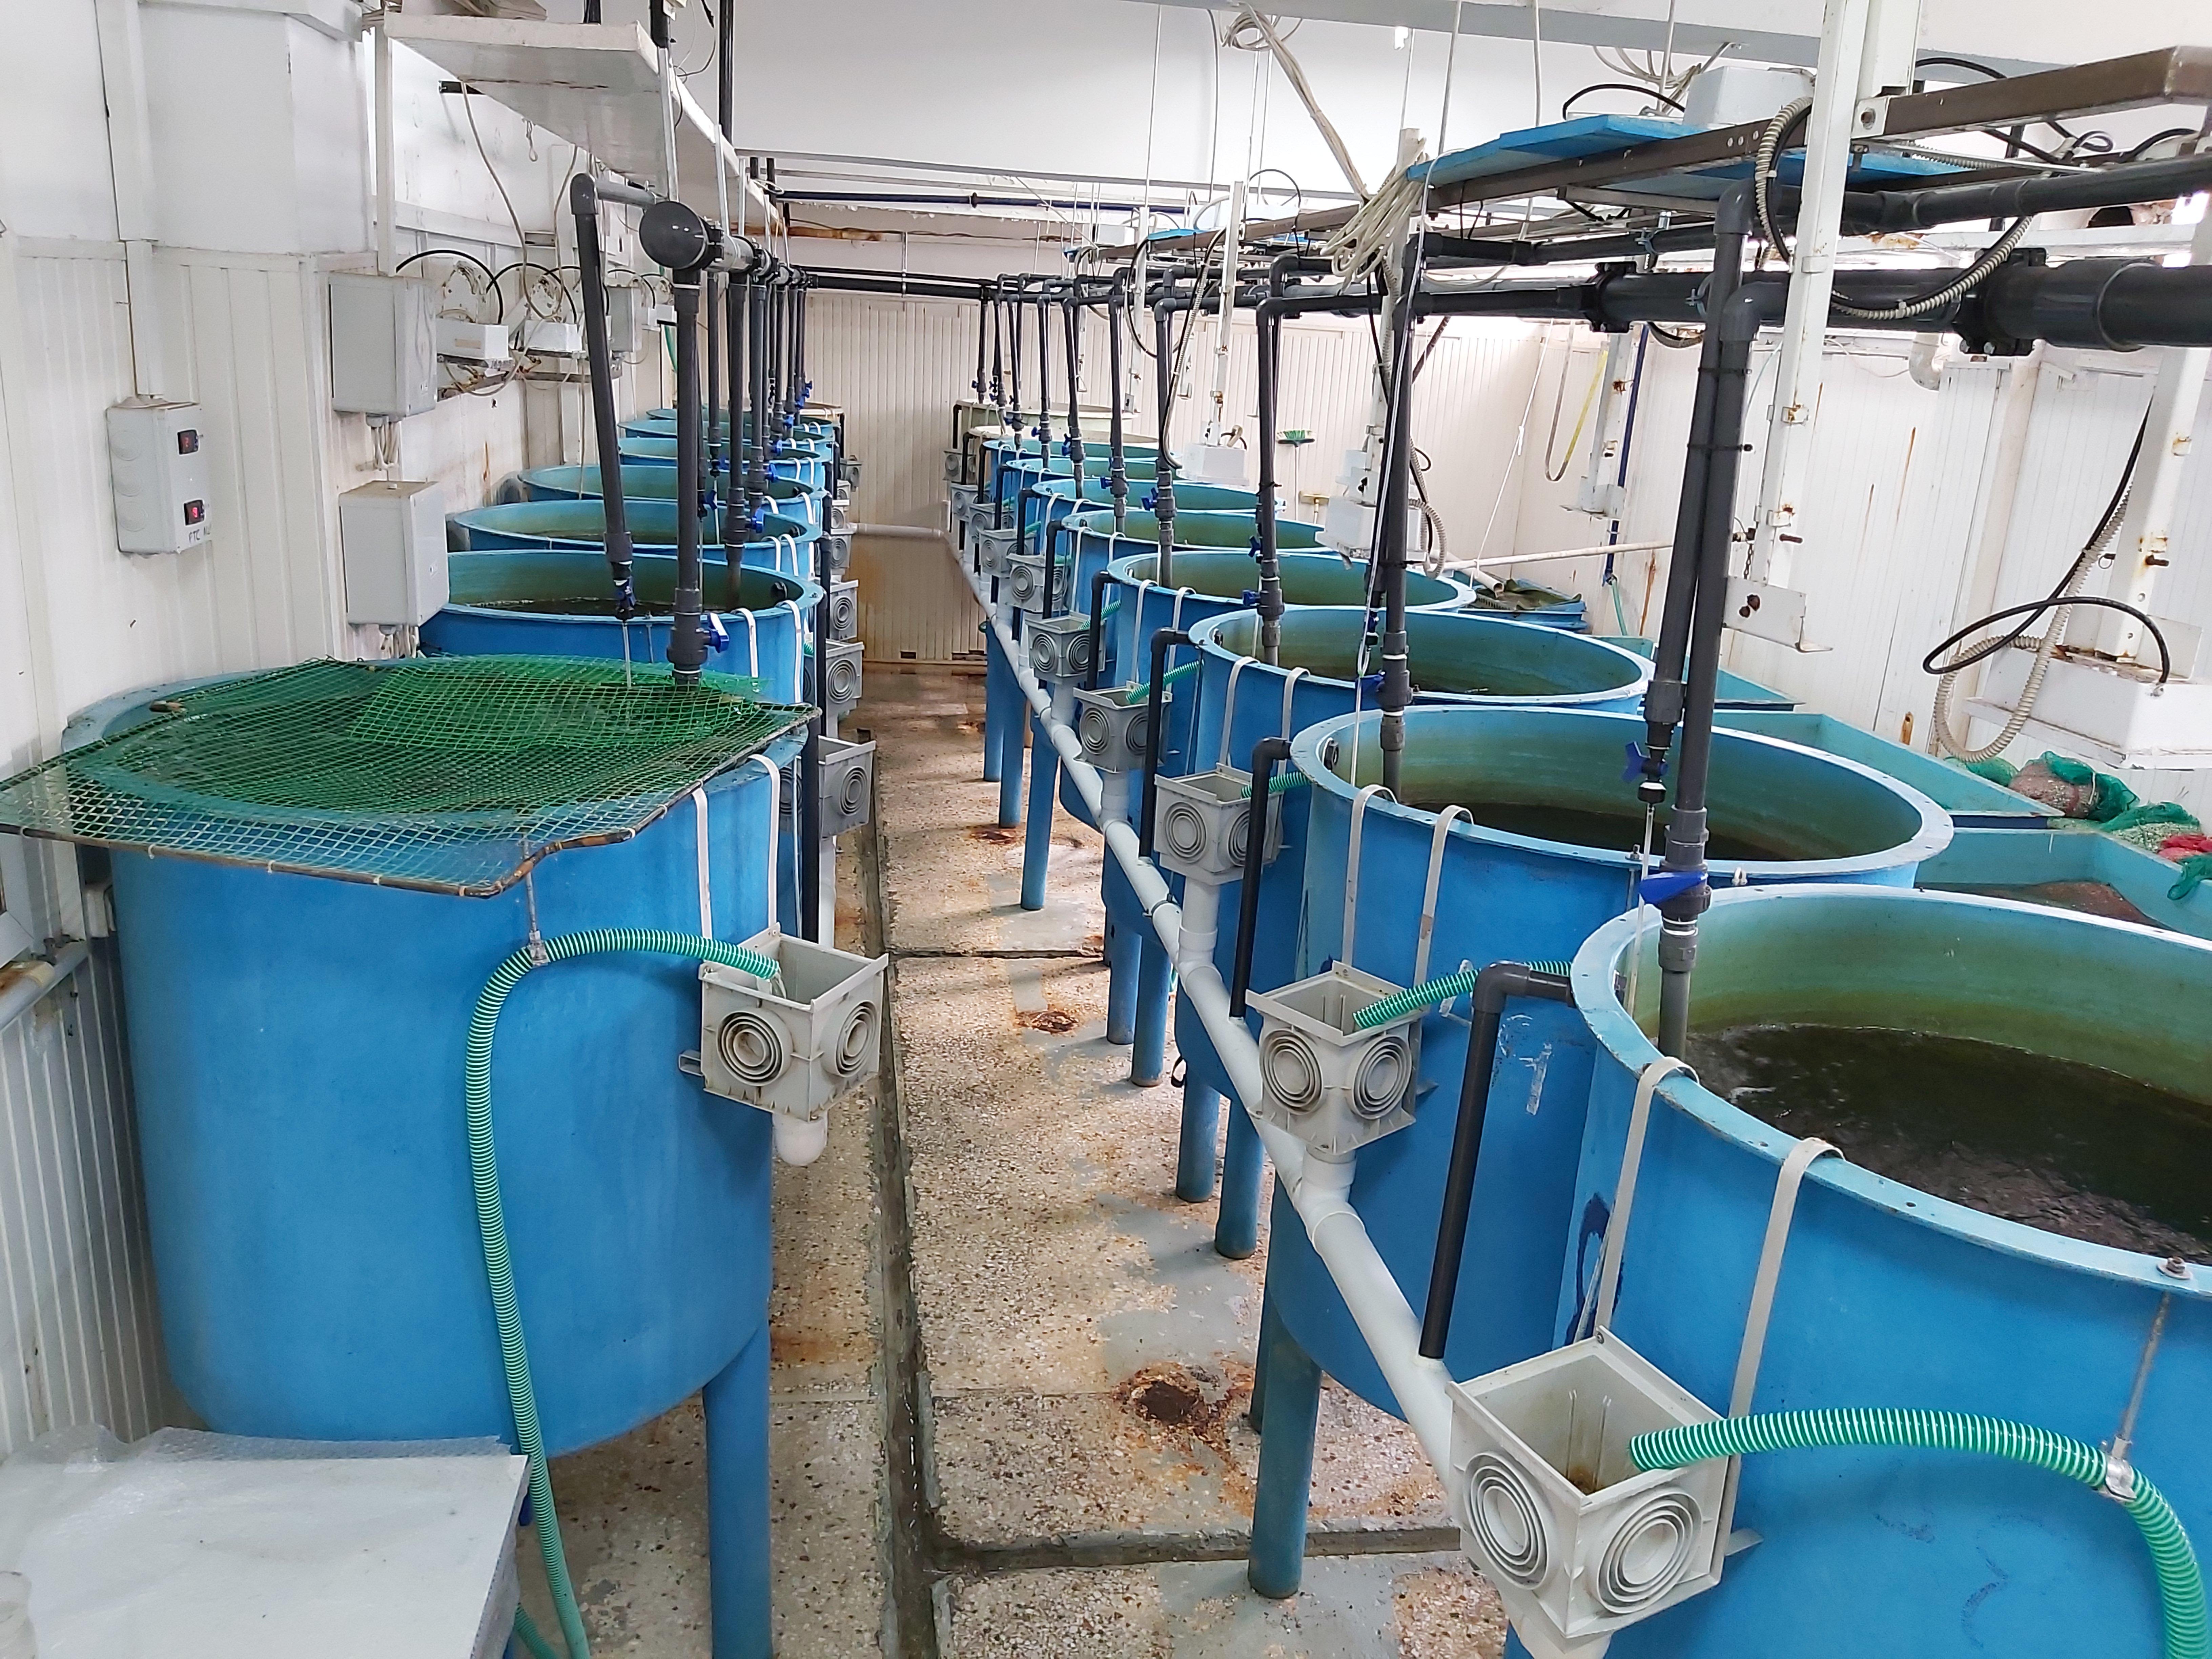 Το Εργαστήριο Πειραματικής Σίτισης (Aqua Lab) Ιχθύων στις εγκαταστάσεις του ΕΛΚΕΘΕ που φιλοξενούνται στο Γεωπονικό Πανεπιστήμιο Αθηνών (2).